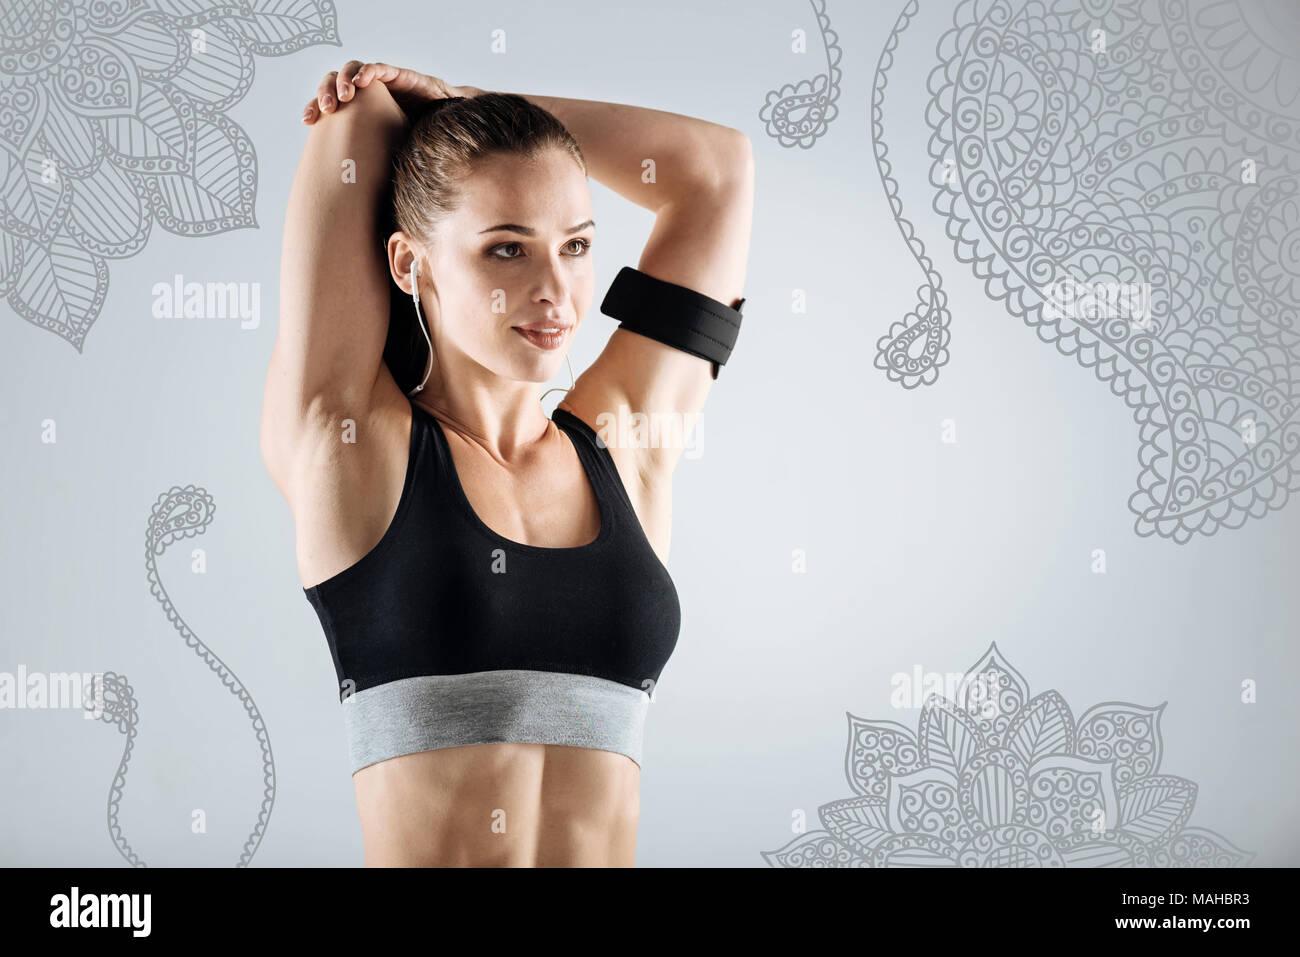 Professionelle Sportlerin und Ihre Muskeln stretching während der Ausbildung Stockbild